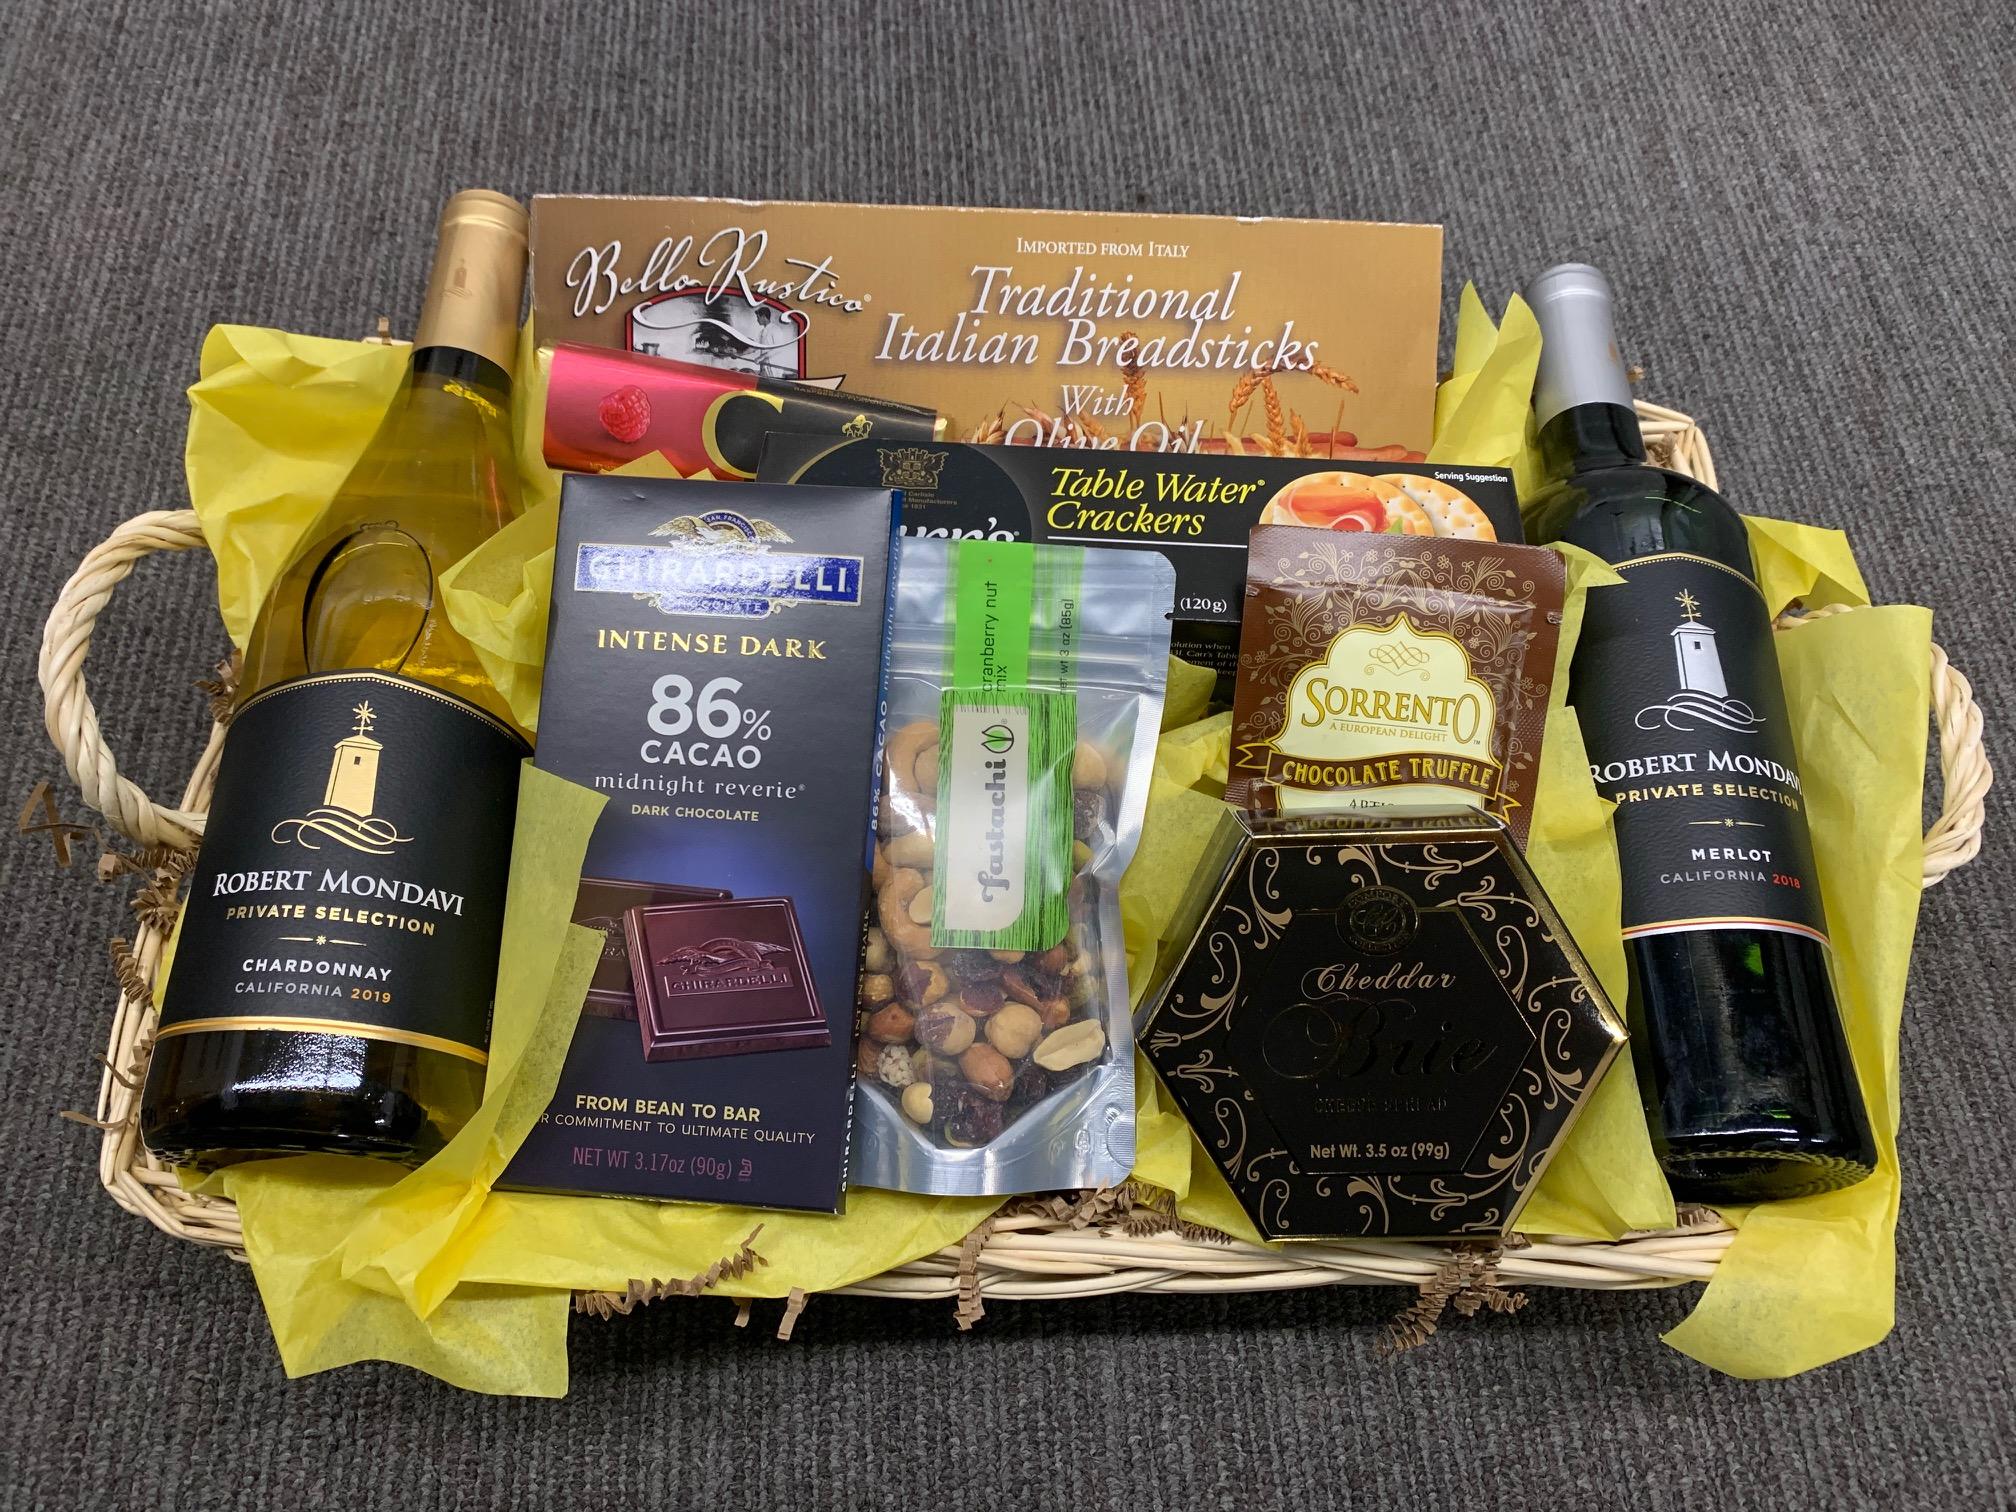 Royal Treat Gift Basket